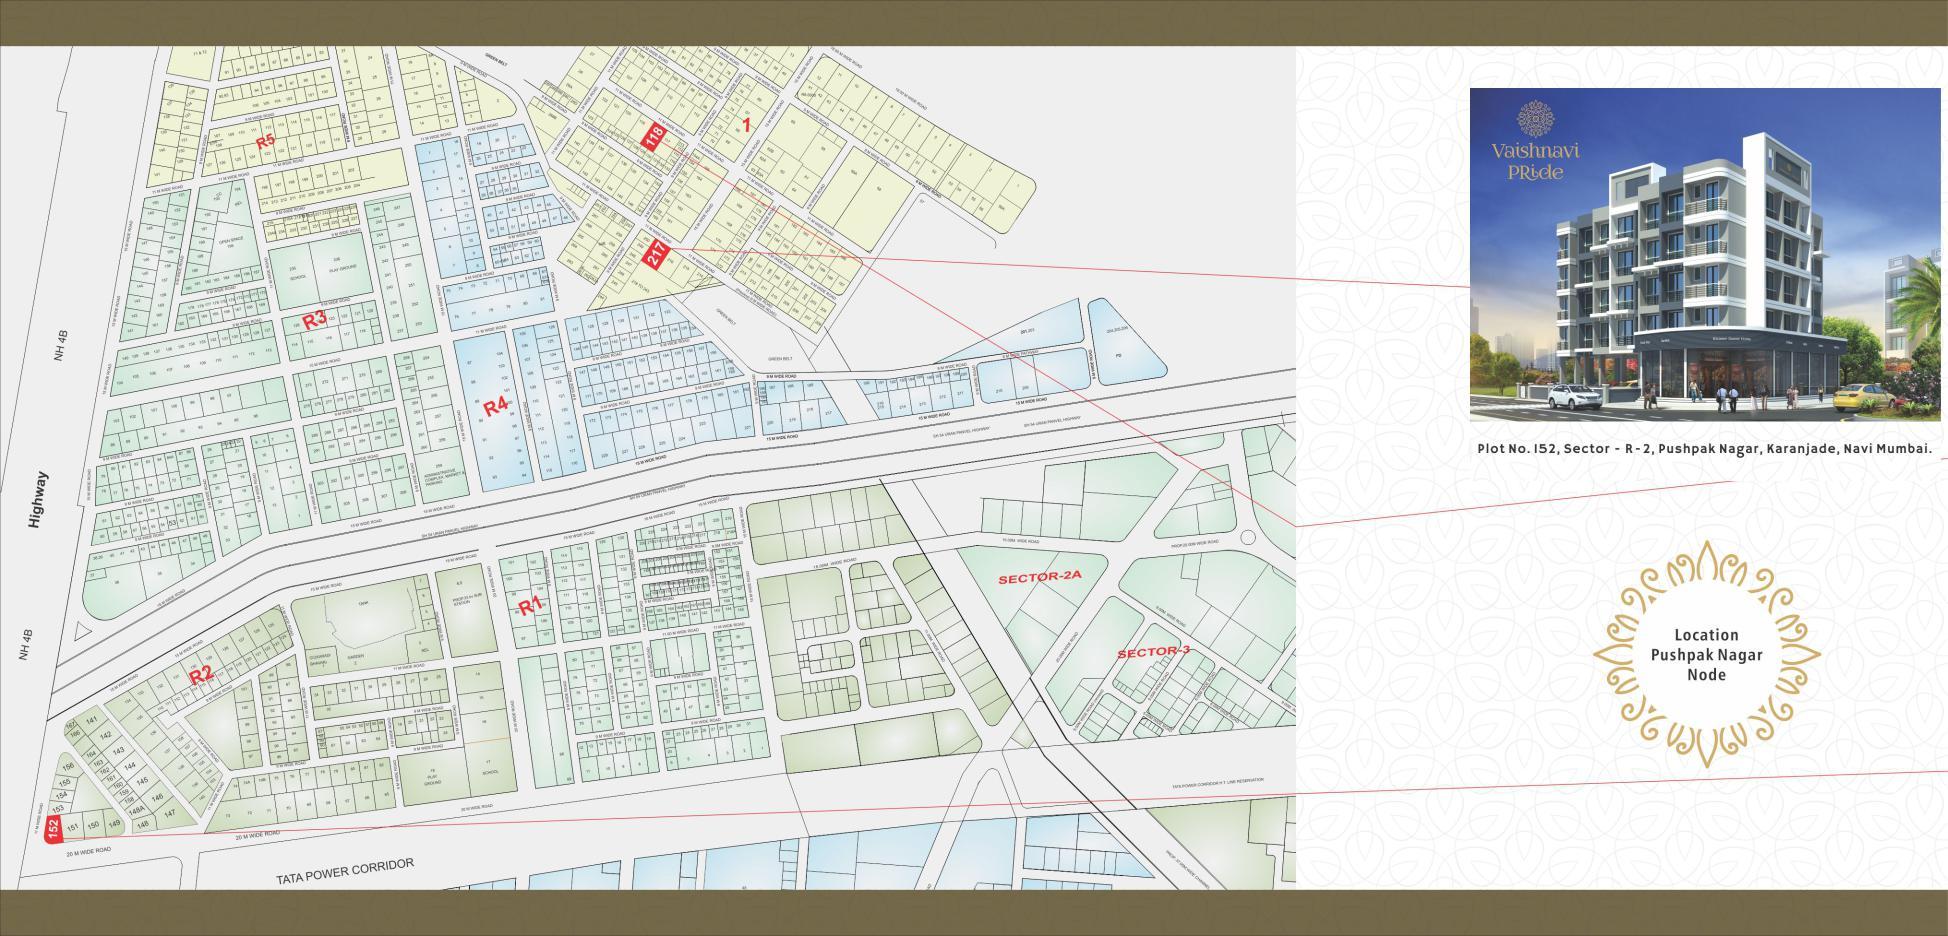 Vaishnavi Pride Location Map